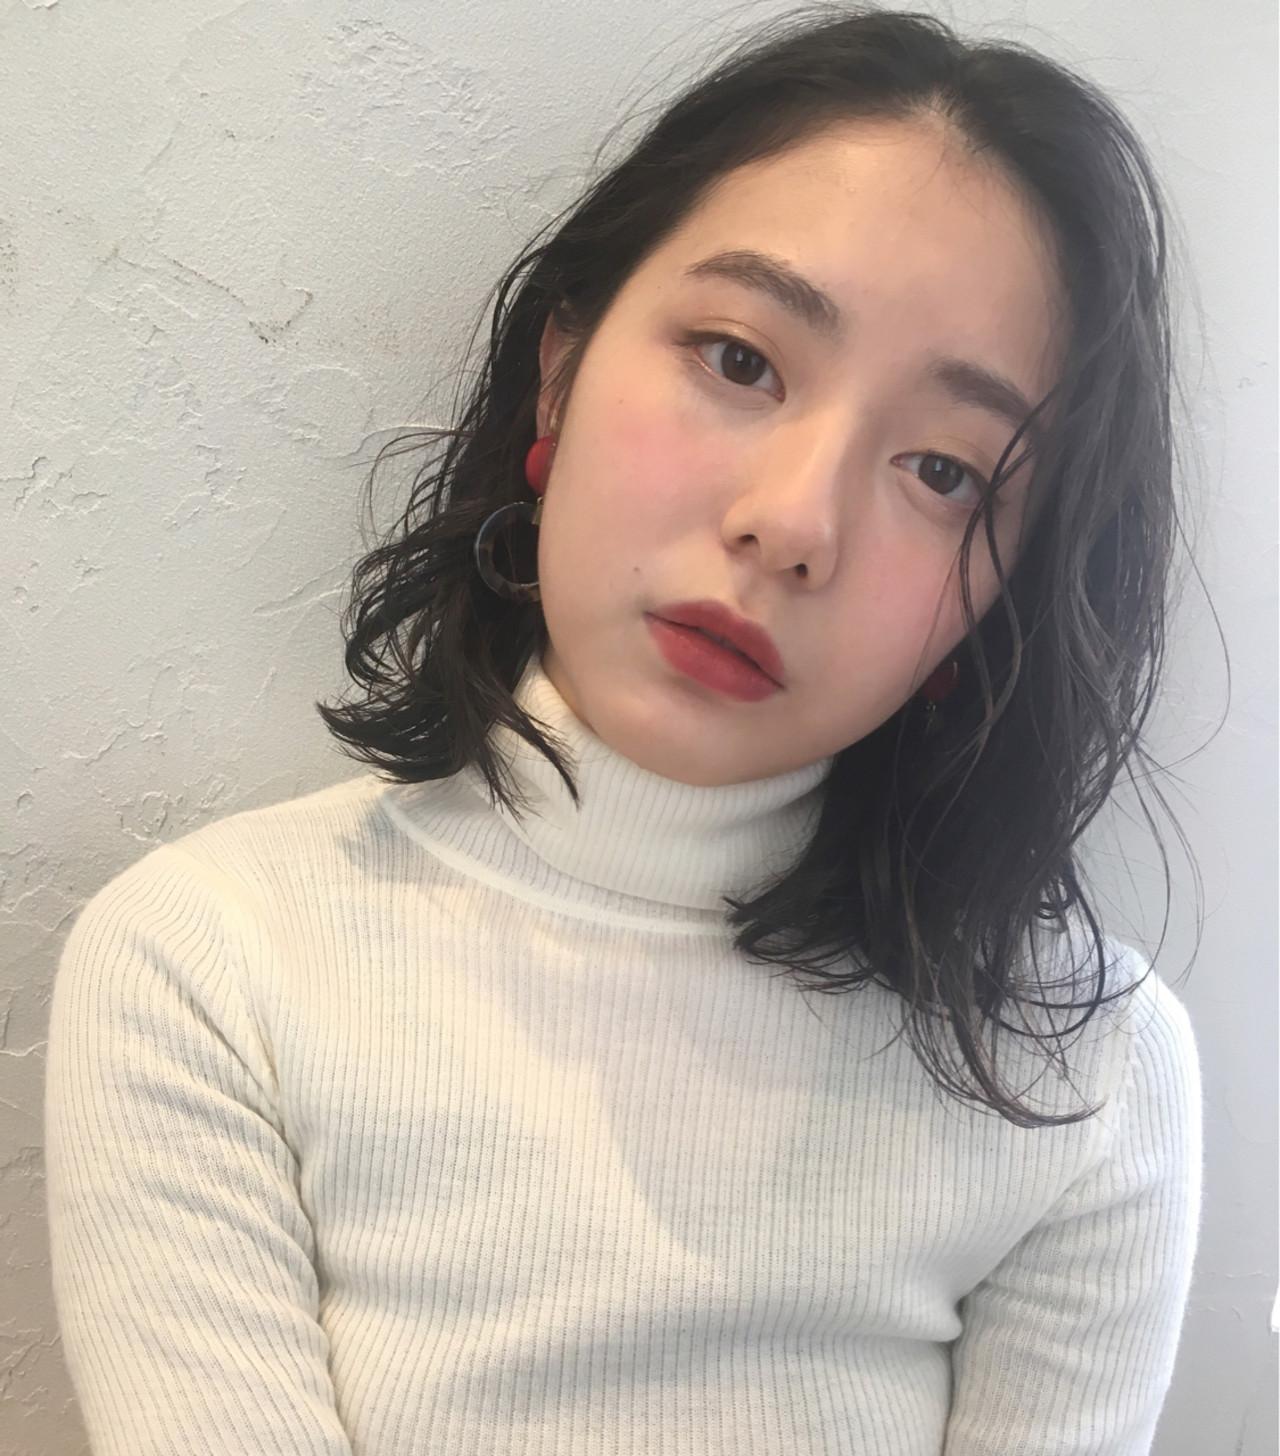 デート リラックス ナチュラル ミディアム ヘアスタイルや髪型の写真・画像 | joemi by unami 森千里 / joemi by unami 新宿